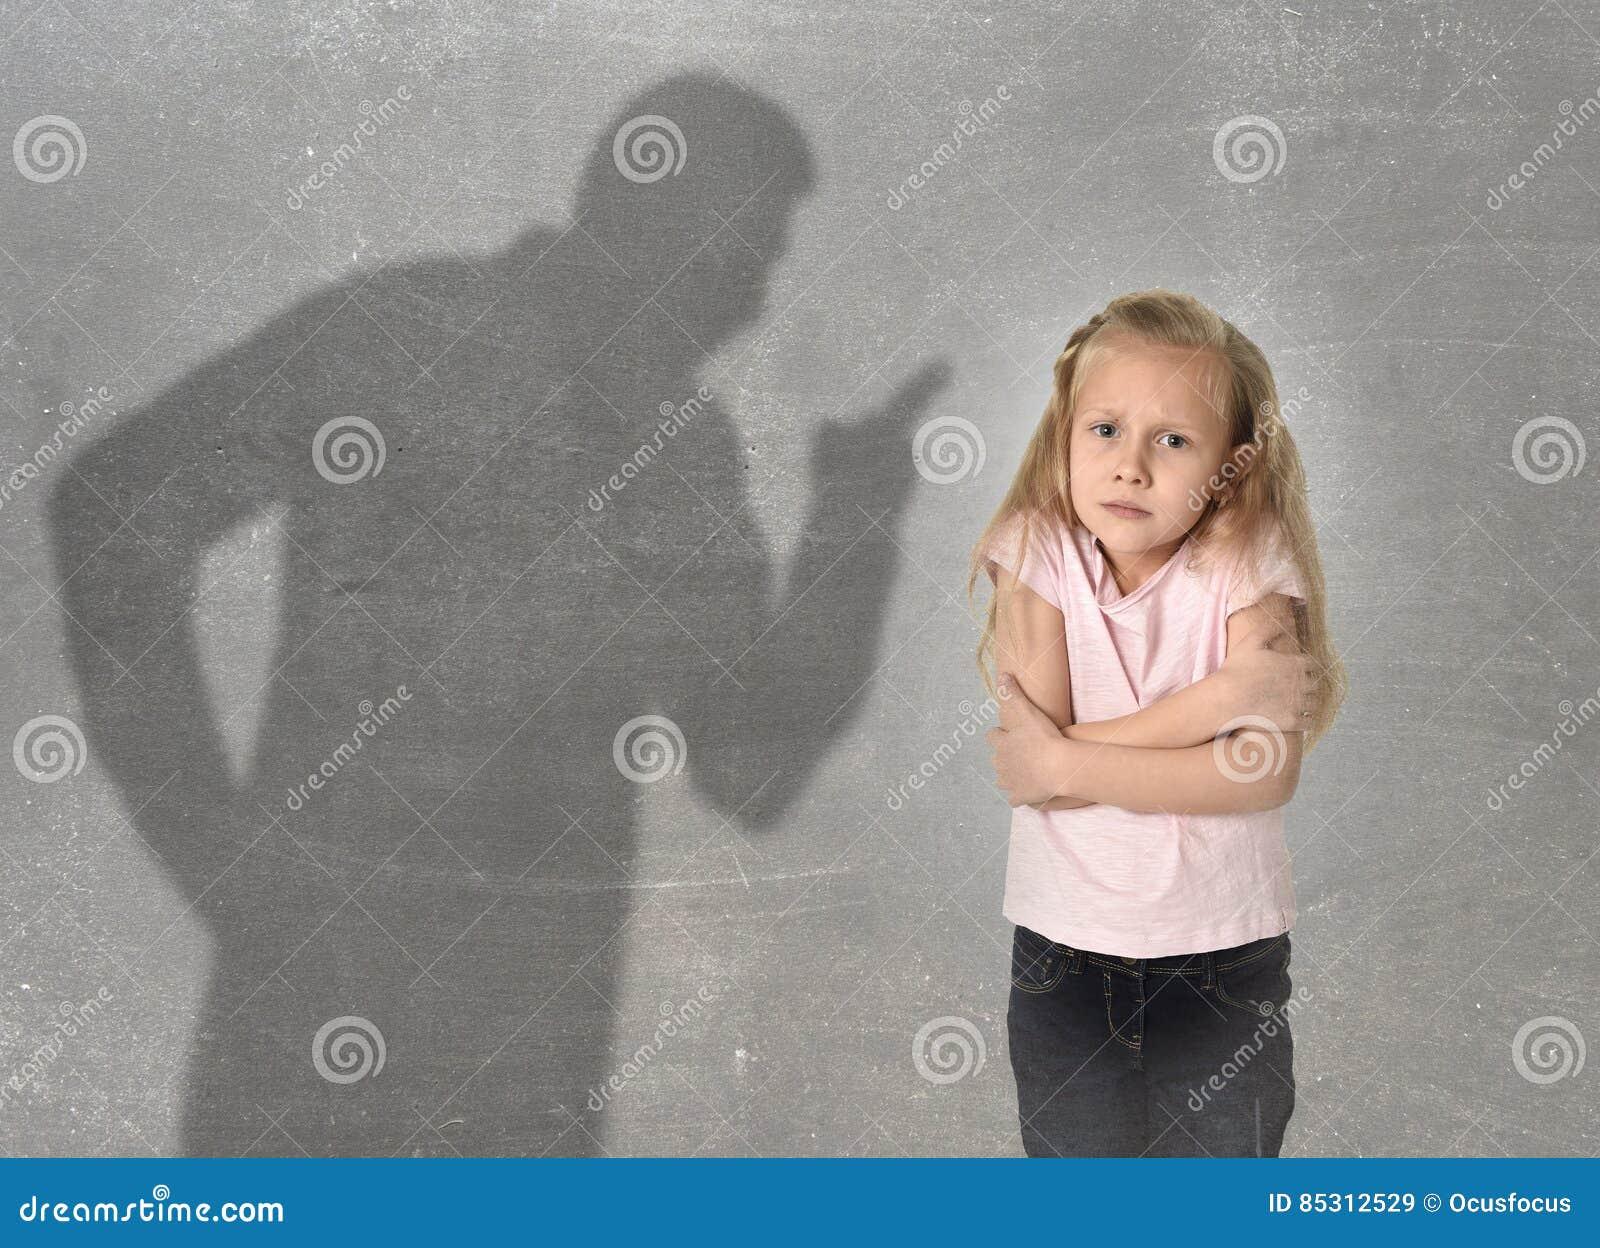 Vader of leraarsschaduw die boos het berispen jong snoepje gillen weinig schoolmeisje of dochter